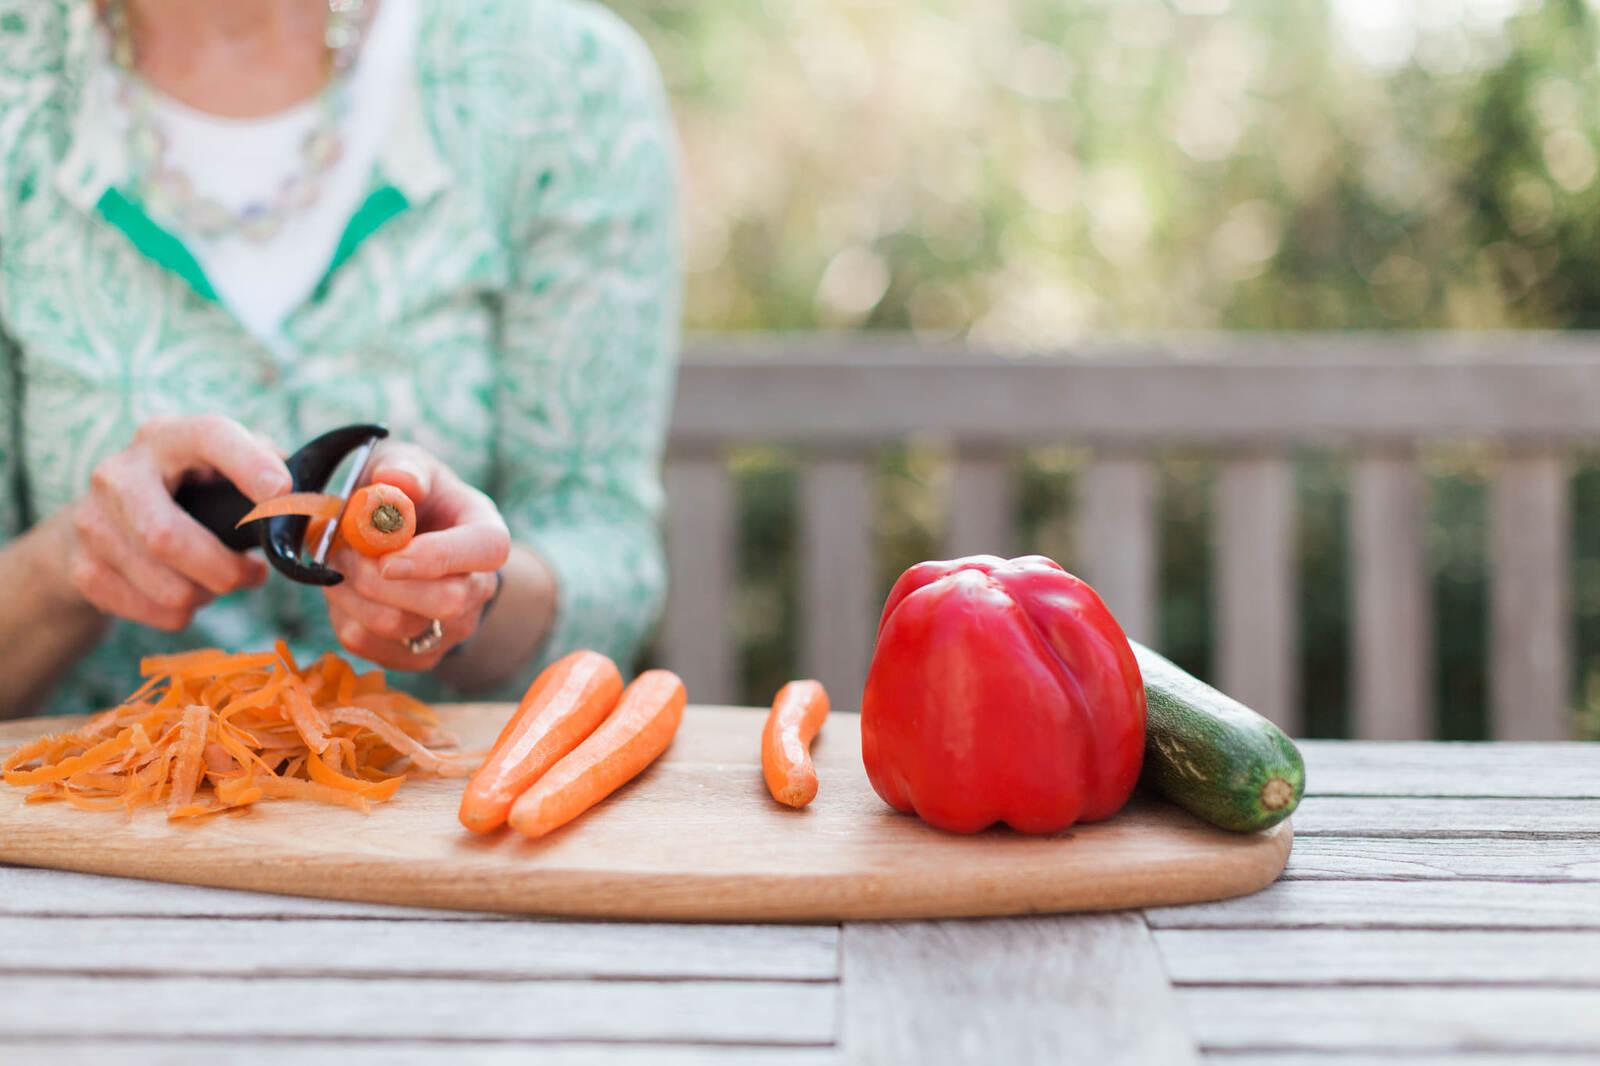 Branding shoot for female nutritionist